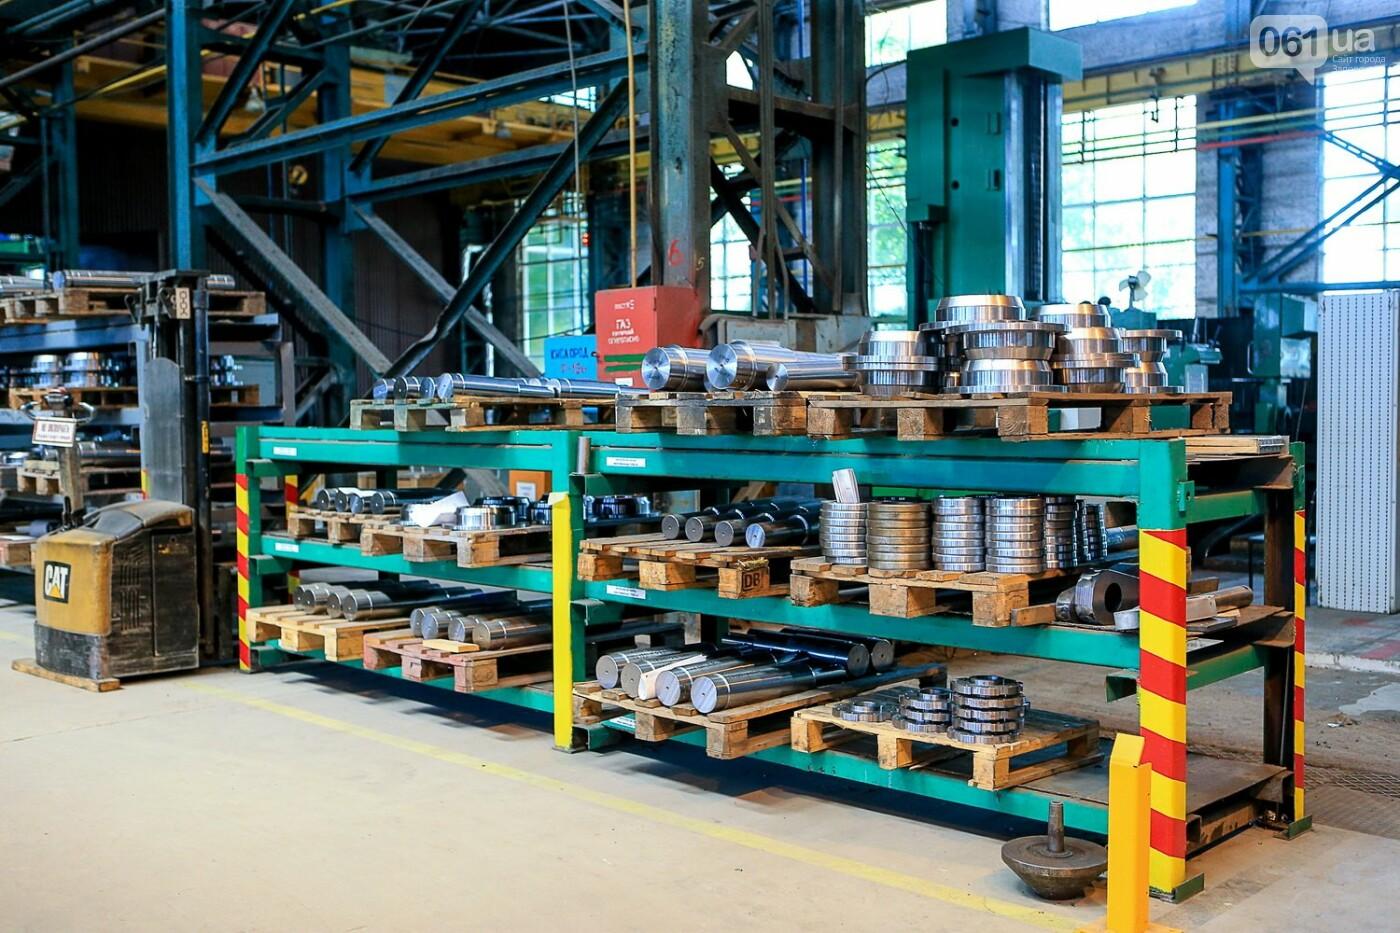 Как в Запорожье работает крупнейший в Европе завод по производству кранов: экскурсия на производство, — ФОТОРЕПОРТАЖ, фото-57